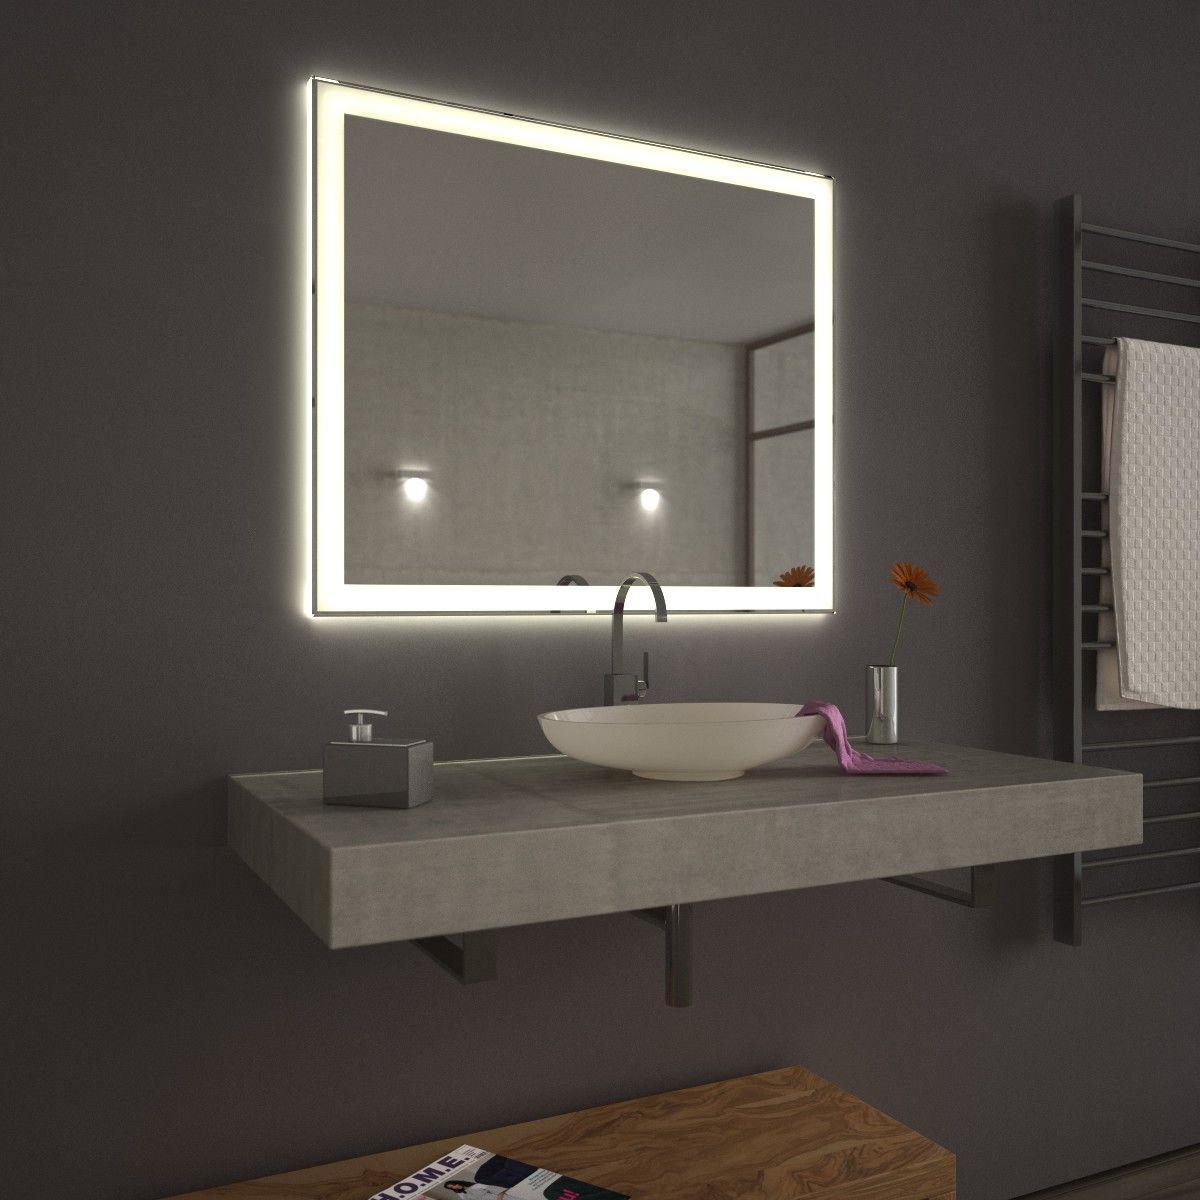 Badezimmerspiegel Mit Beleuchtung Velen Badezimmerspiegel Badspiegel Beleuchtet Badezimmerspiegel Beleuchtung